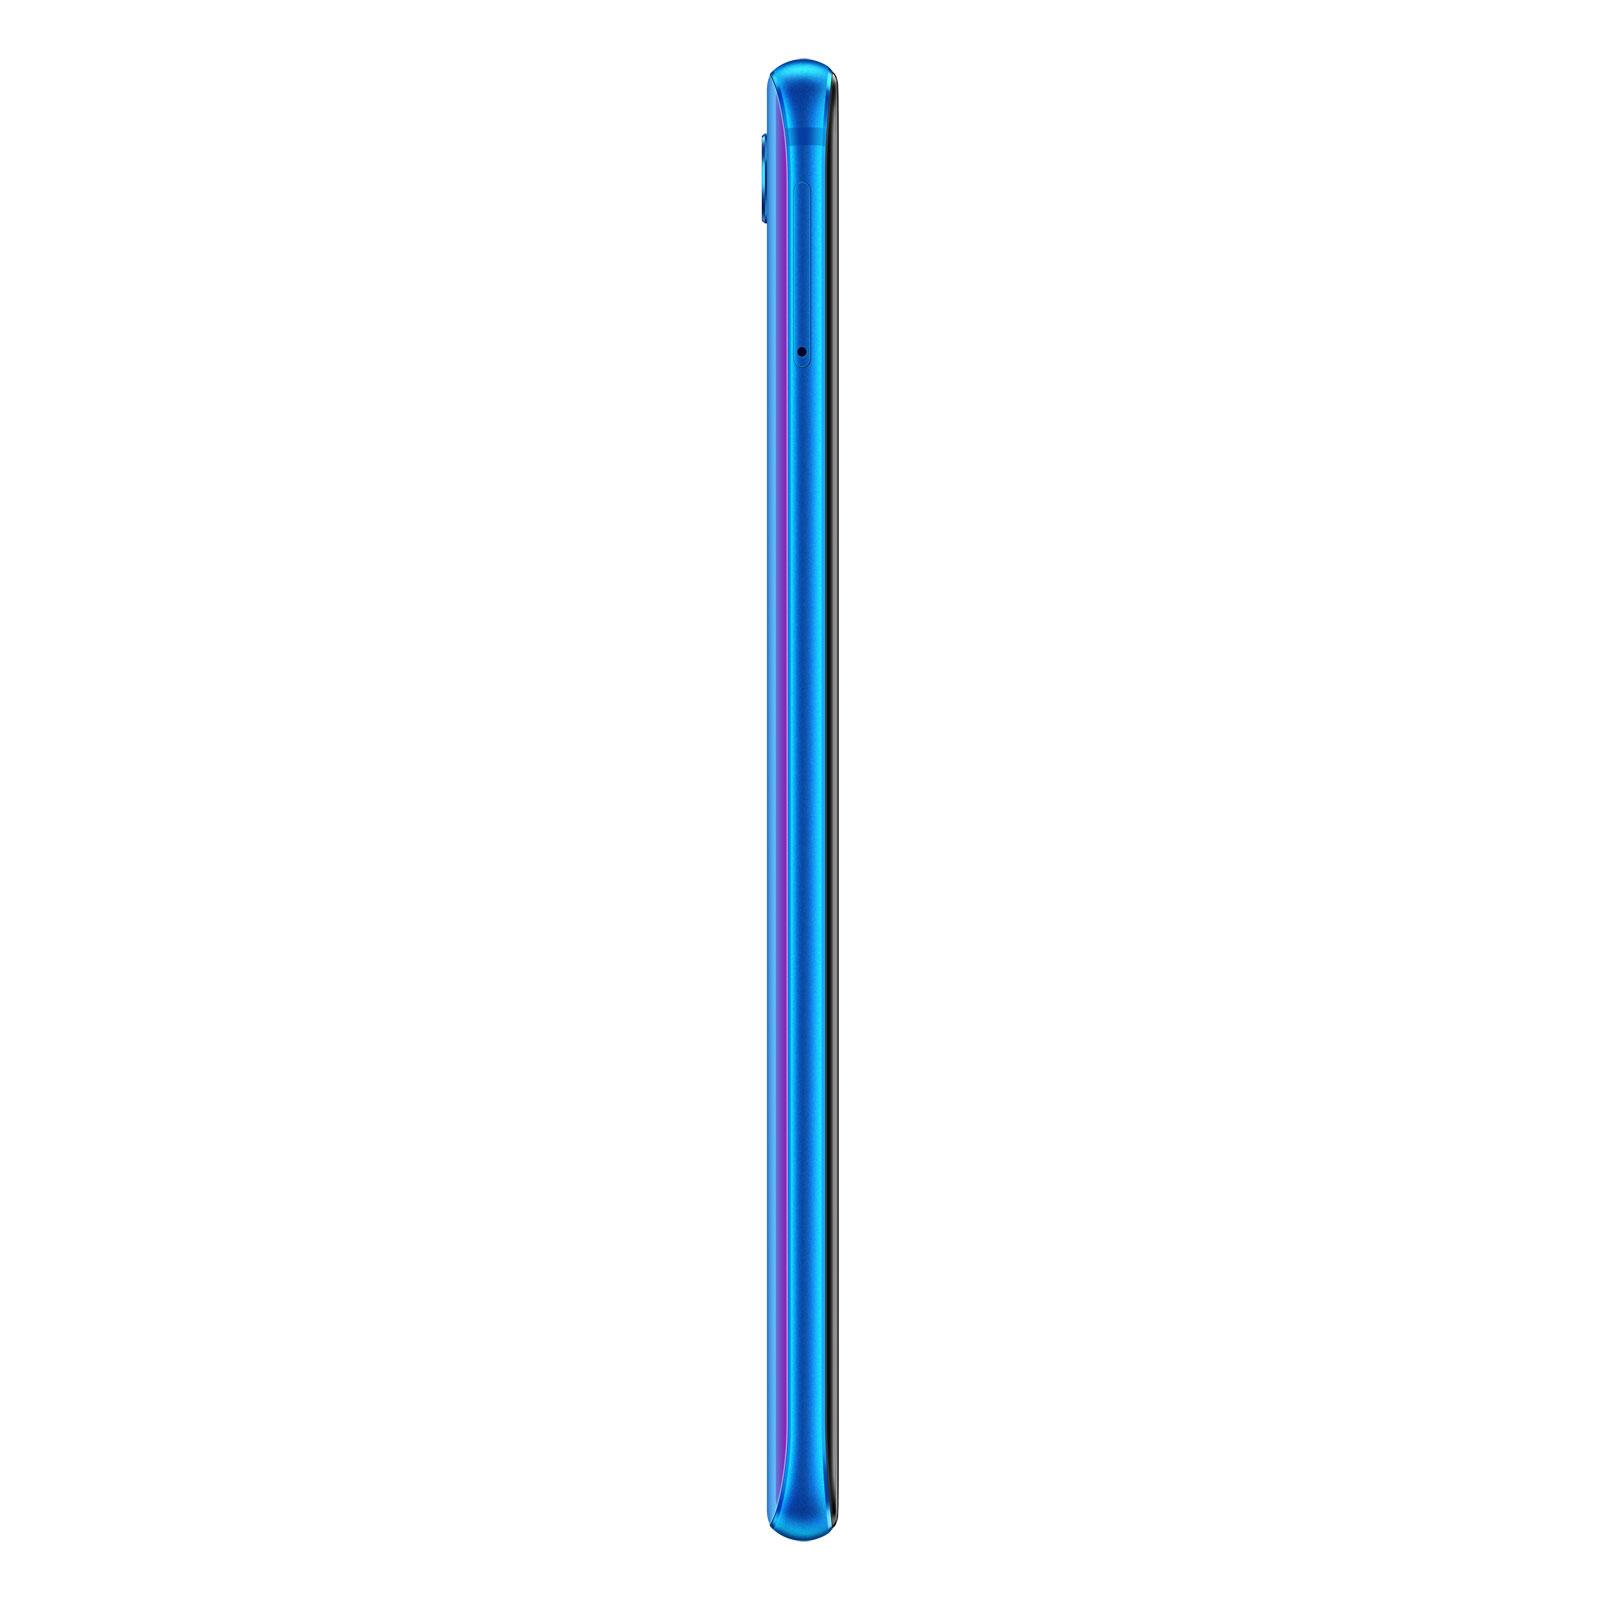 Huawei Honor 10 Bleu 64Go Double Sim - Téléphonie Huawei - 2